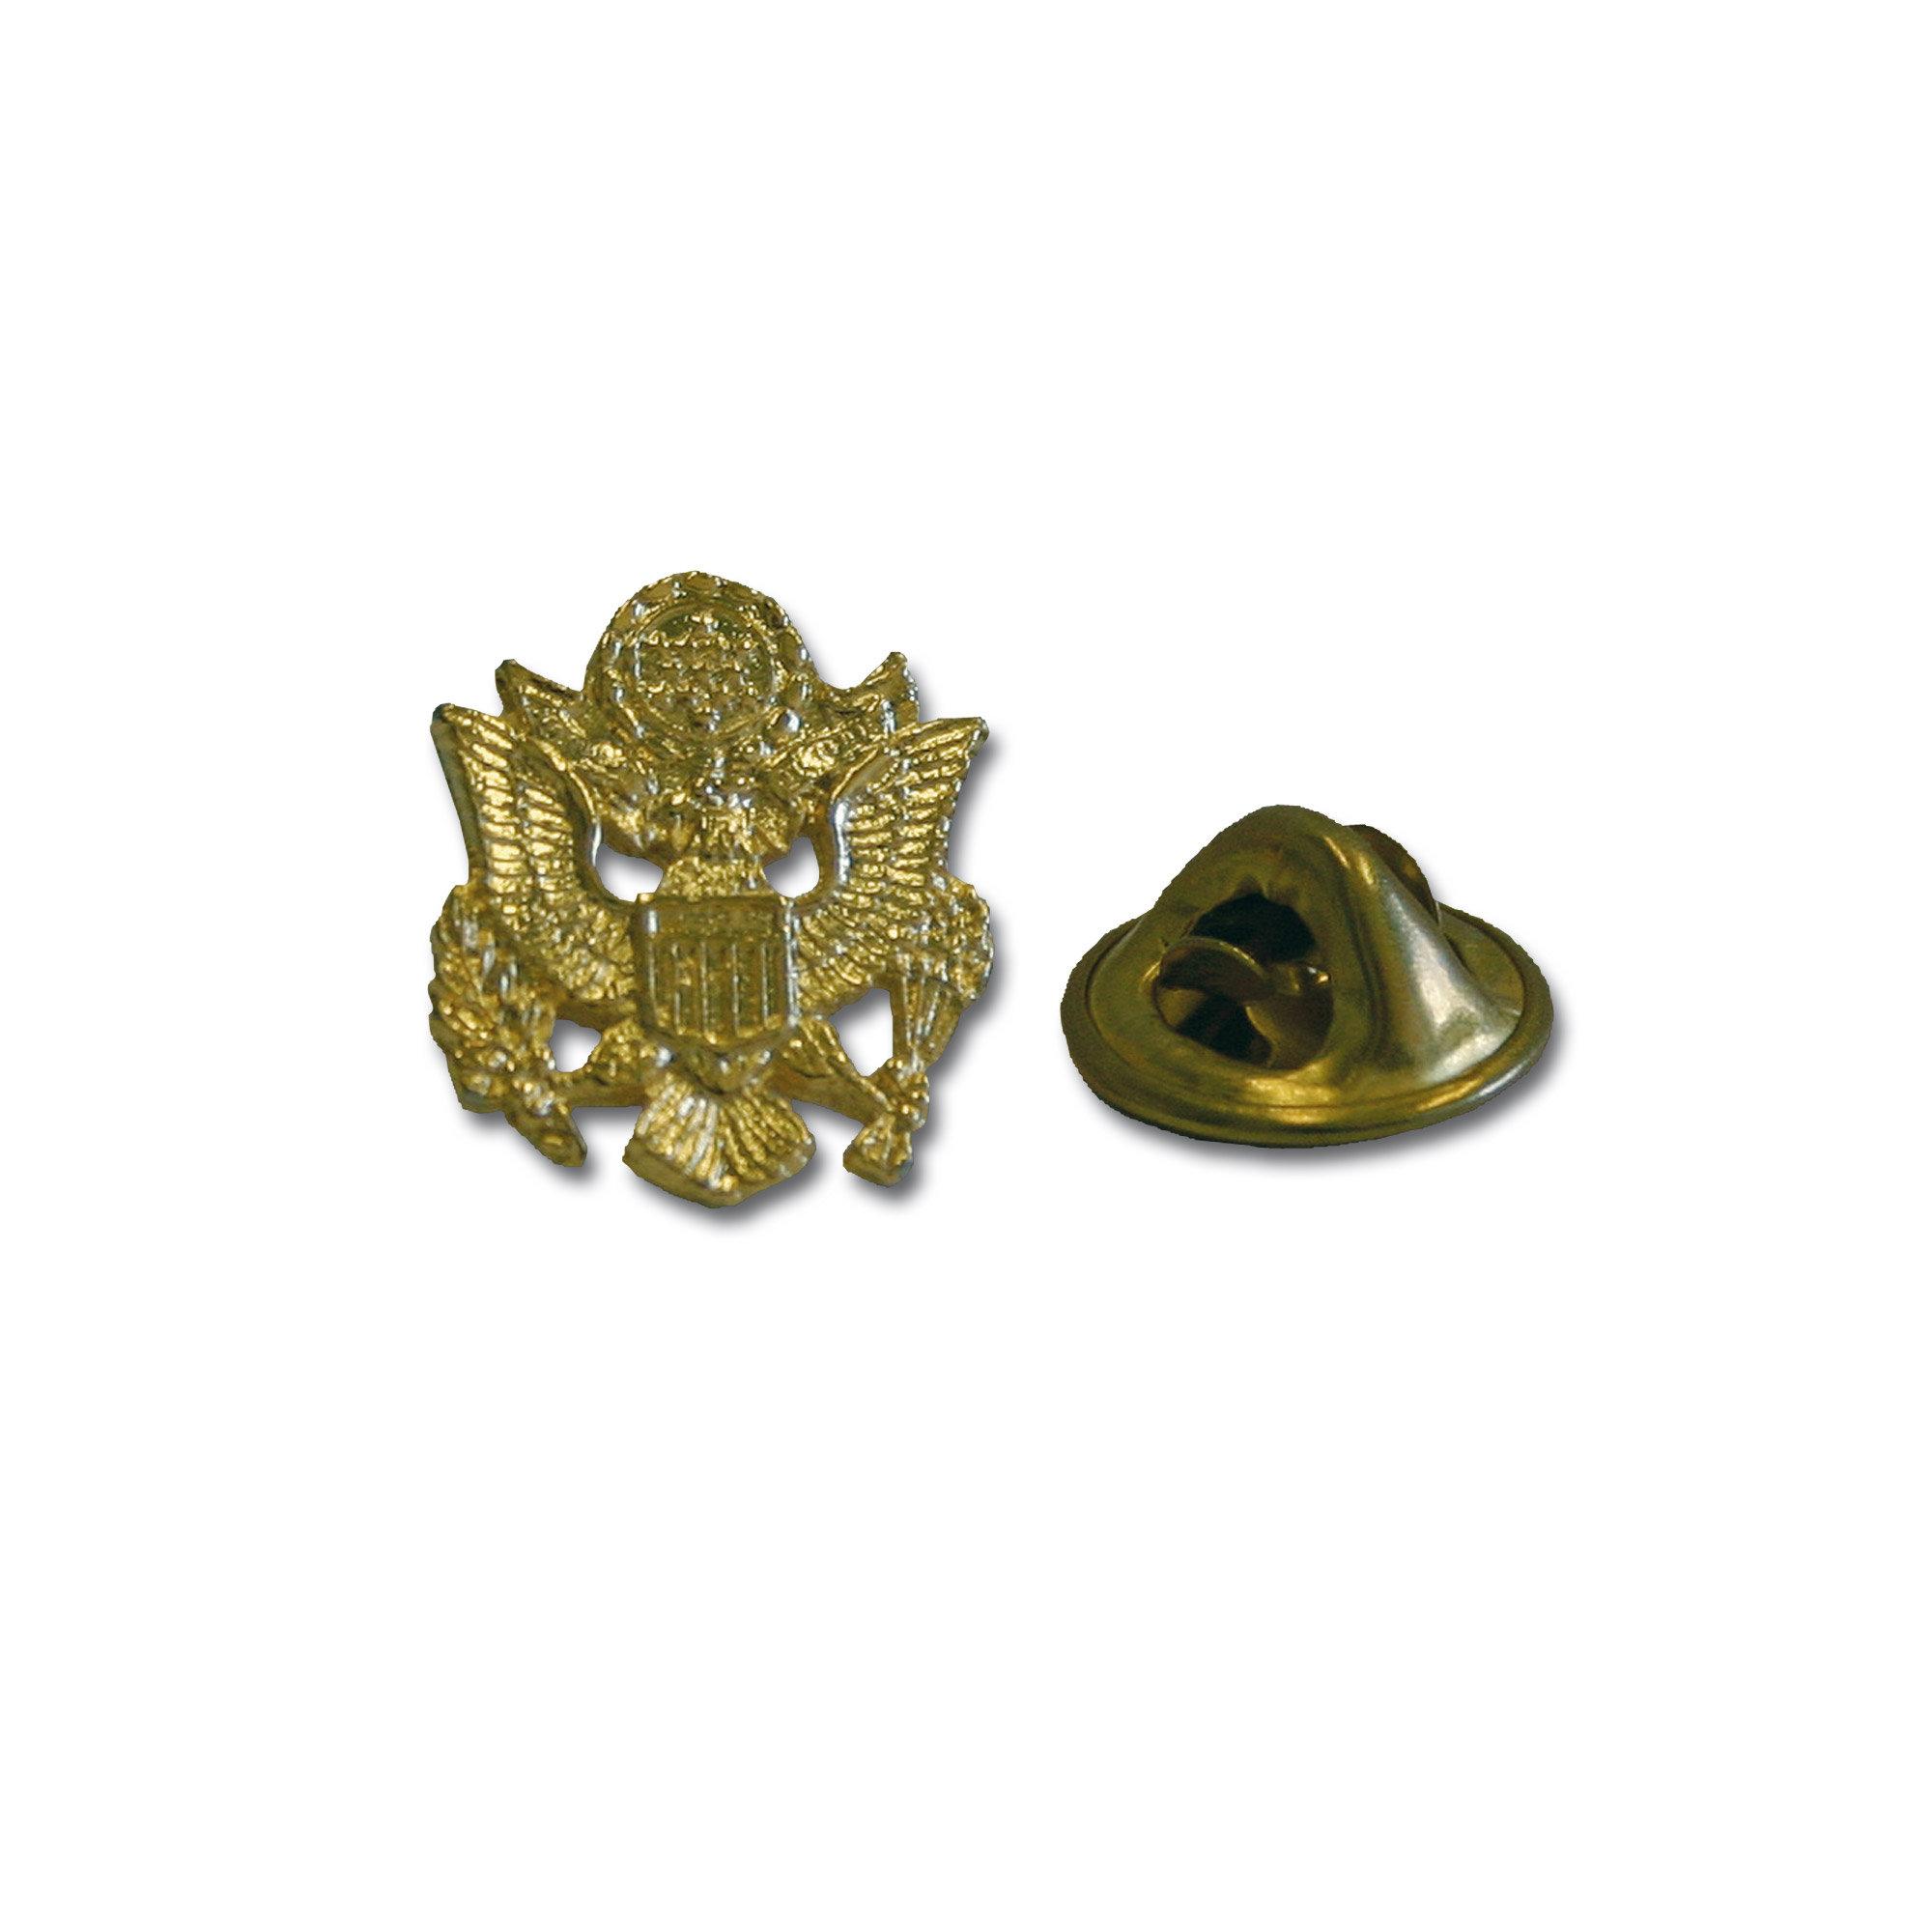 Pin US Army modello precedente